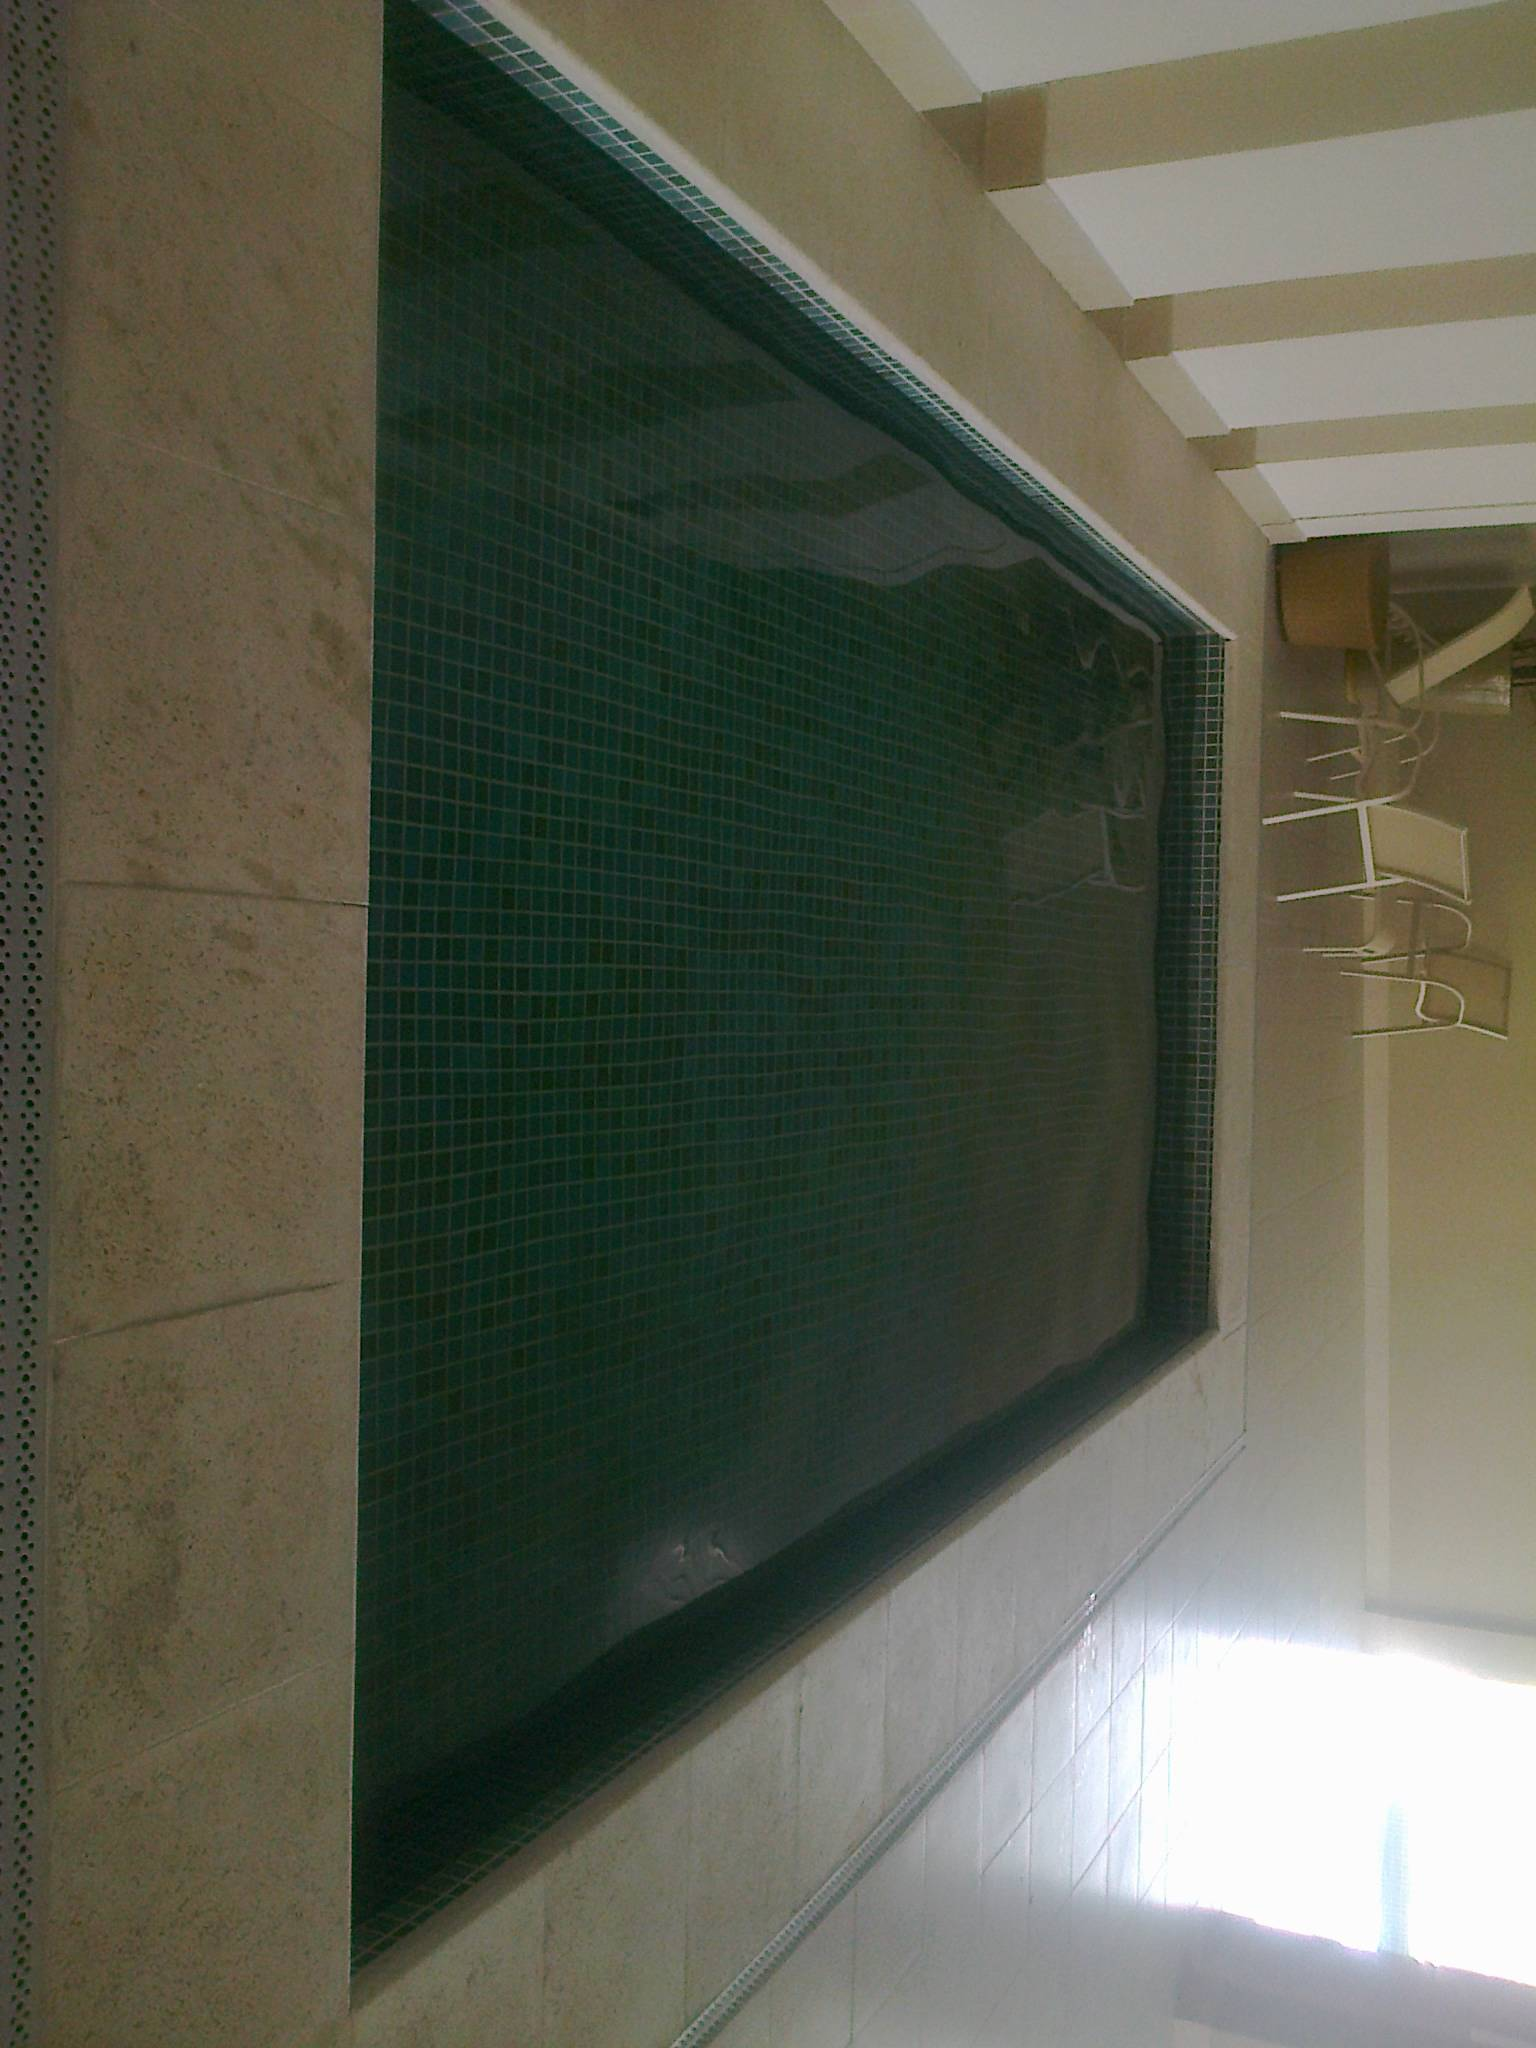 Valor de Limpeza de Piscina na Vila Moraes - Curso de Piscineiro Preço